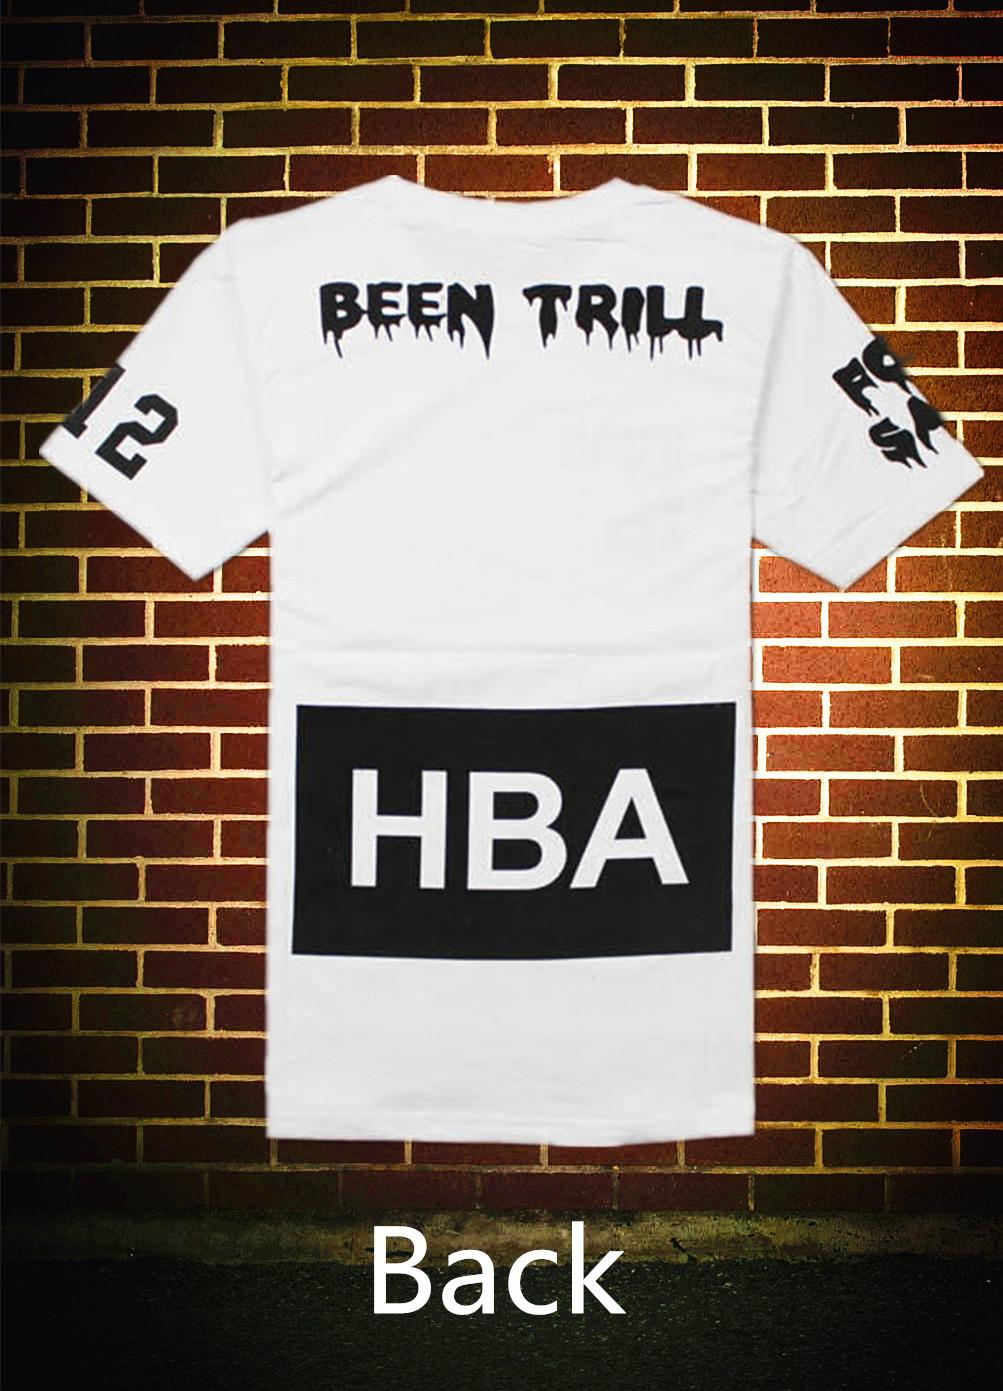 Мужская футболка HBA Shirt Men Hba t & 2014 новых bts улицы пуленепробиваемые корпус hba капот воздушные потоки t водолазка